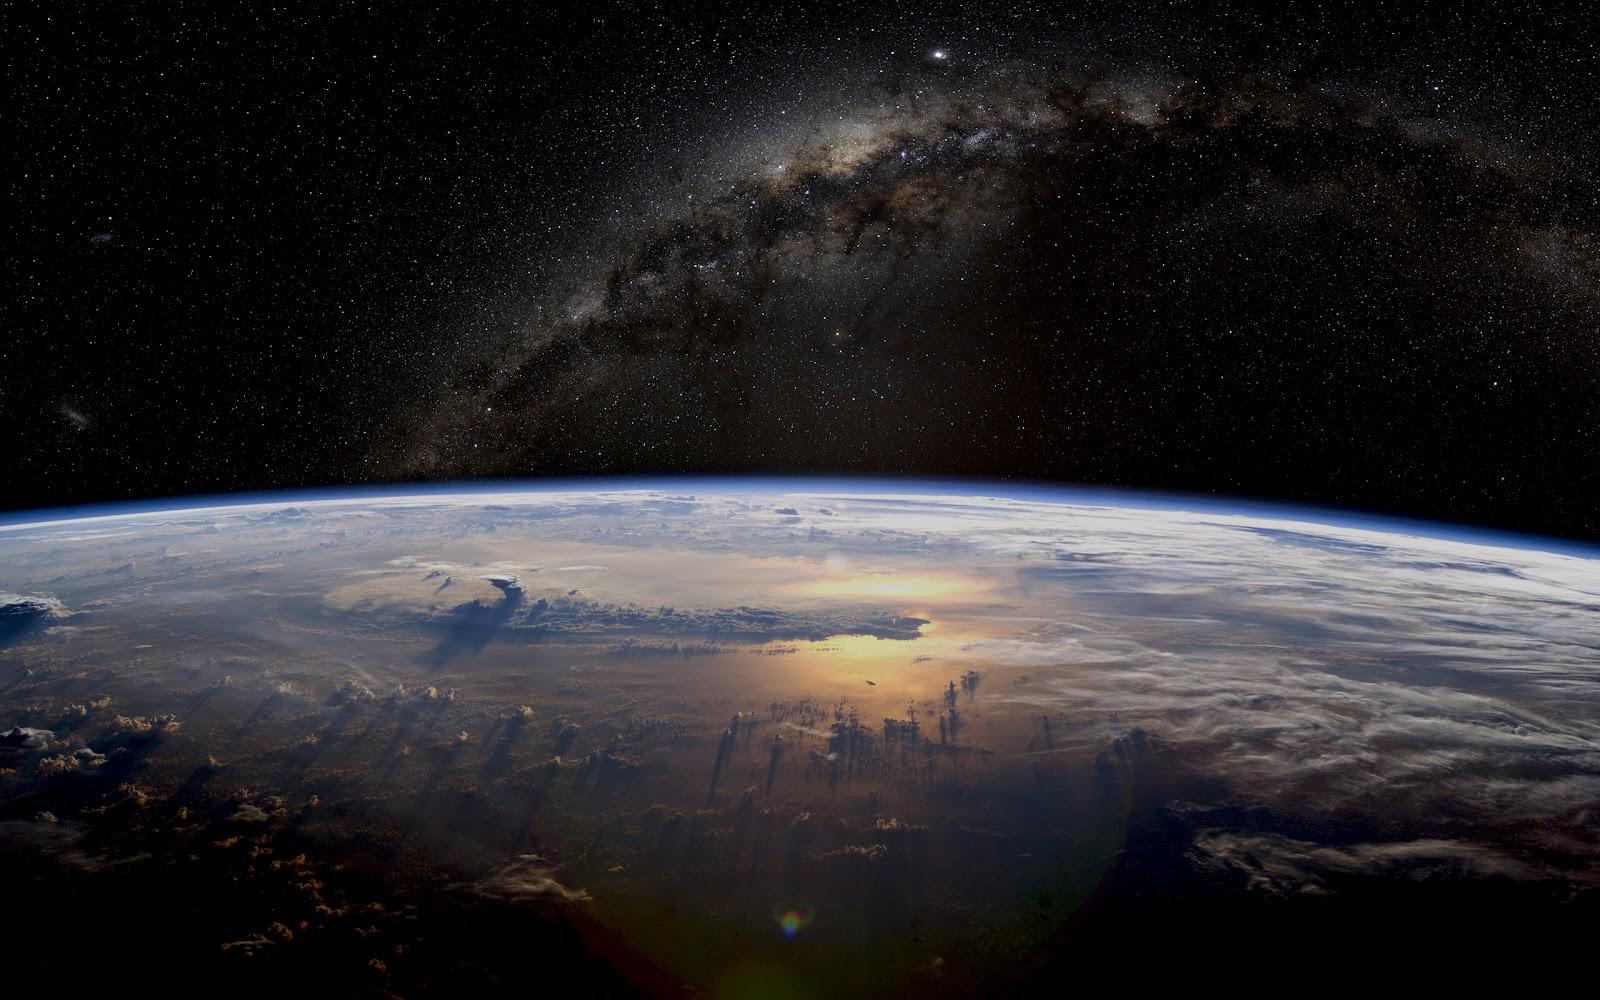 Asombroso el planeta tierra y el espacio - Earth hd images from space ...